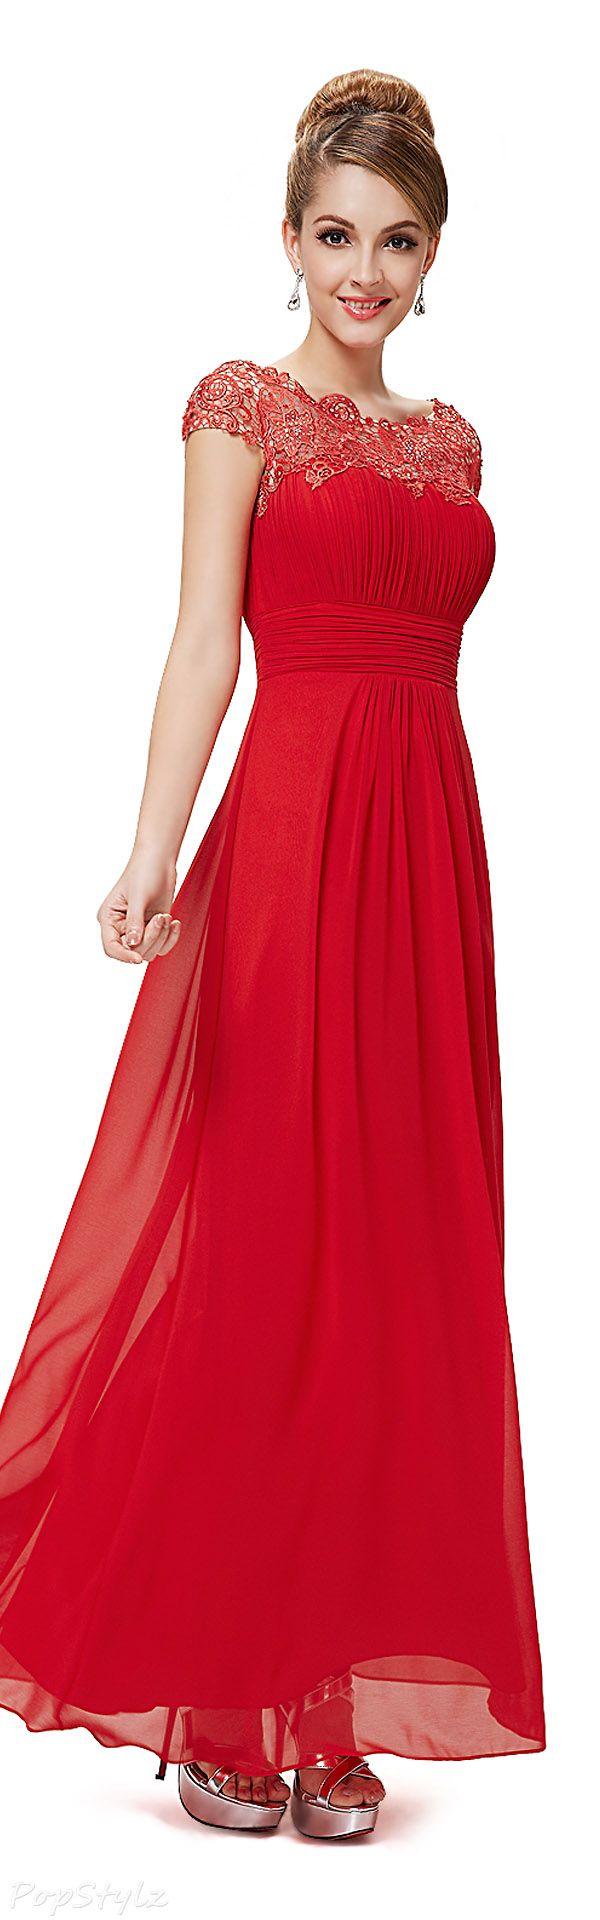 Lace neckline evening gown promformal pinterest neckline